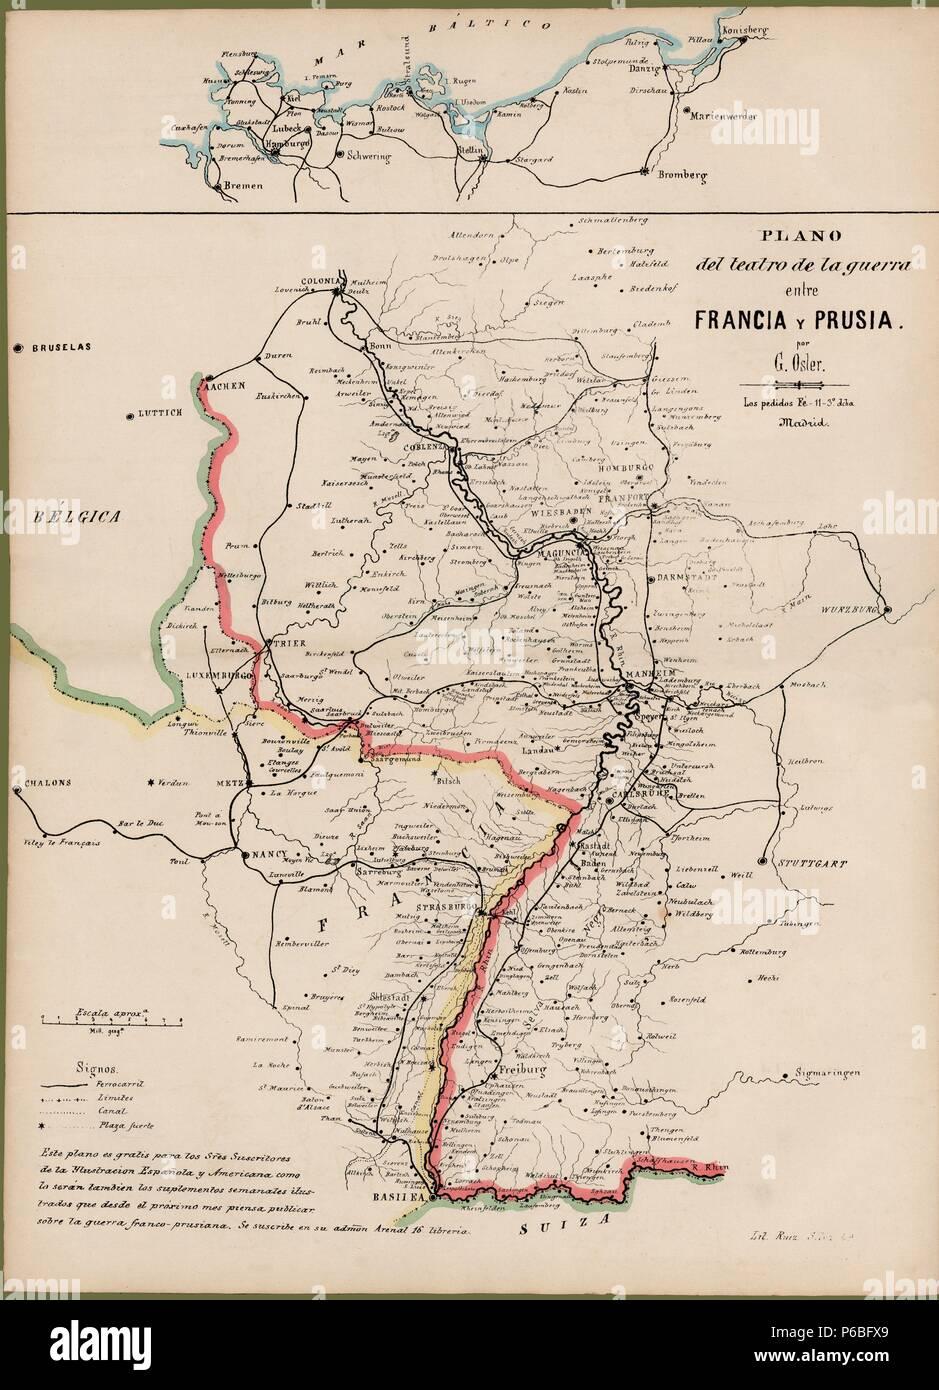 Plano del teatro de la guerra entre Francia y Prusia en 1870. Grabado de 1876. - Stock Image